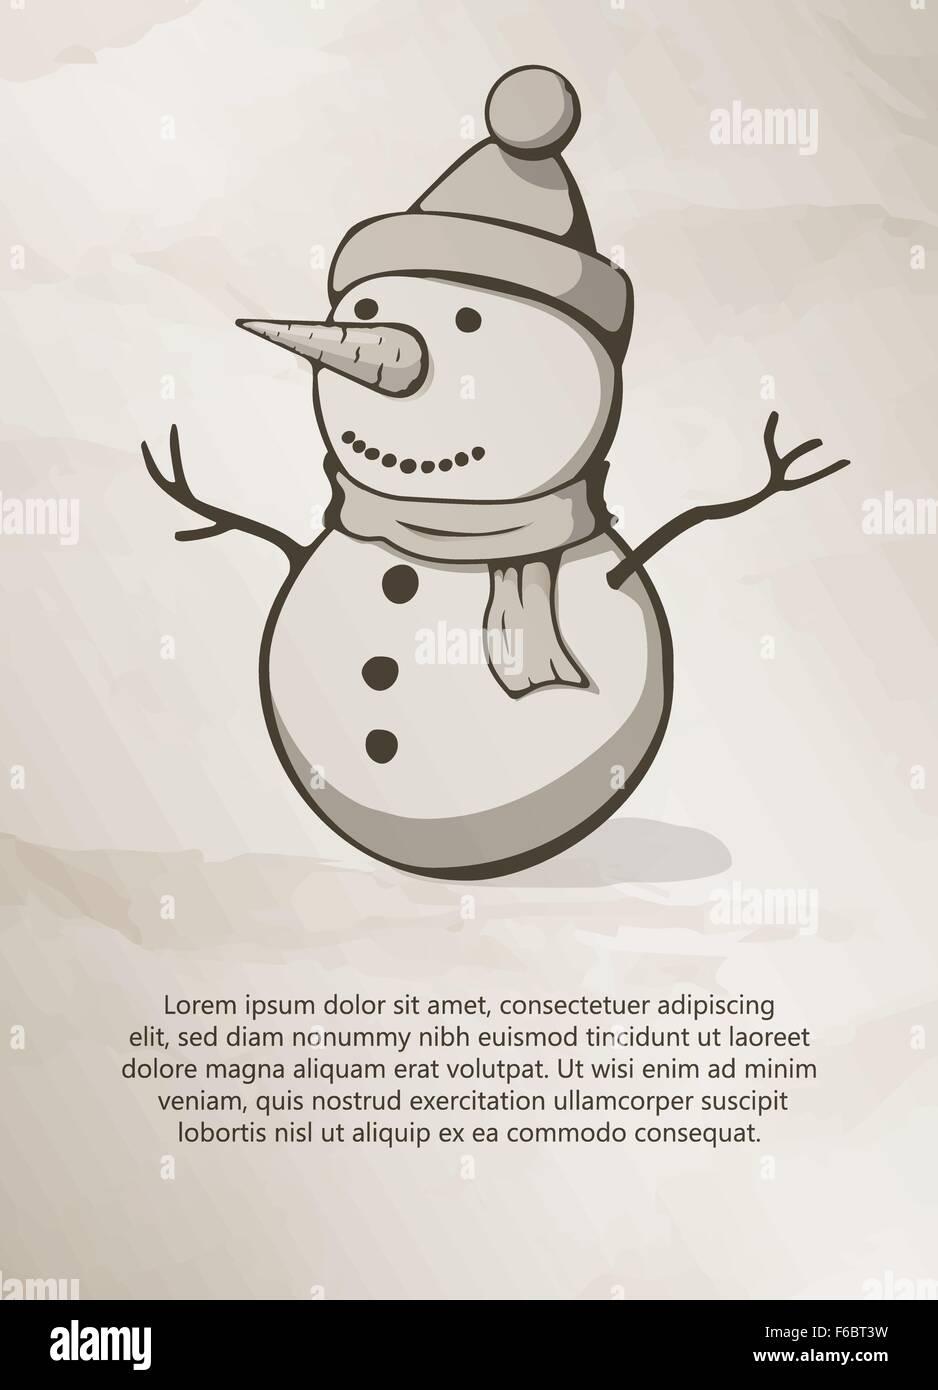 Weihnachten Schneemann Vintage Label Logo Rahmen Broschuren Design Vorlagen Vektor Illustration Stock Vektorgrafik Alamy